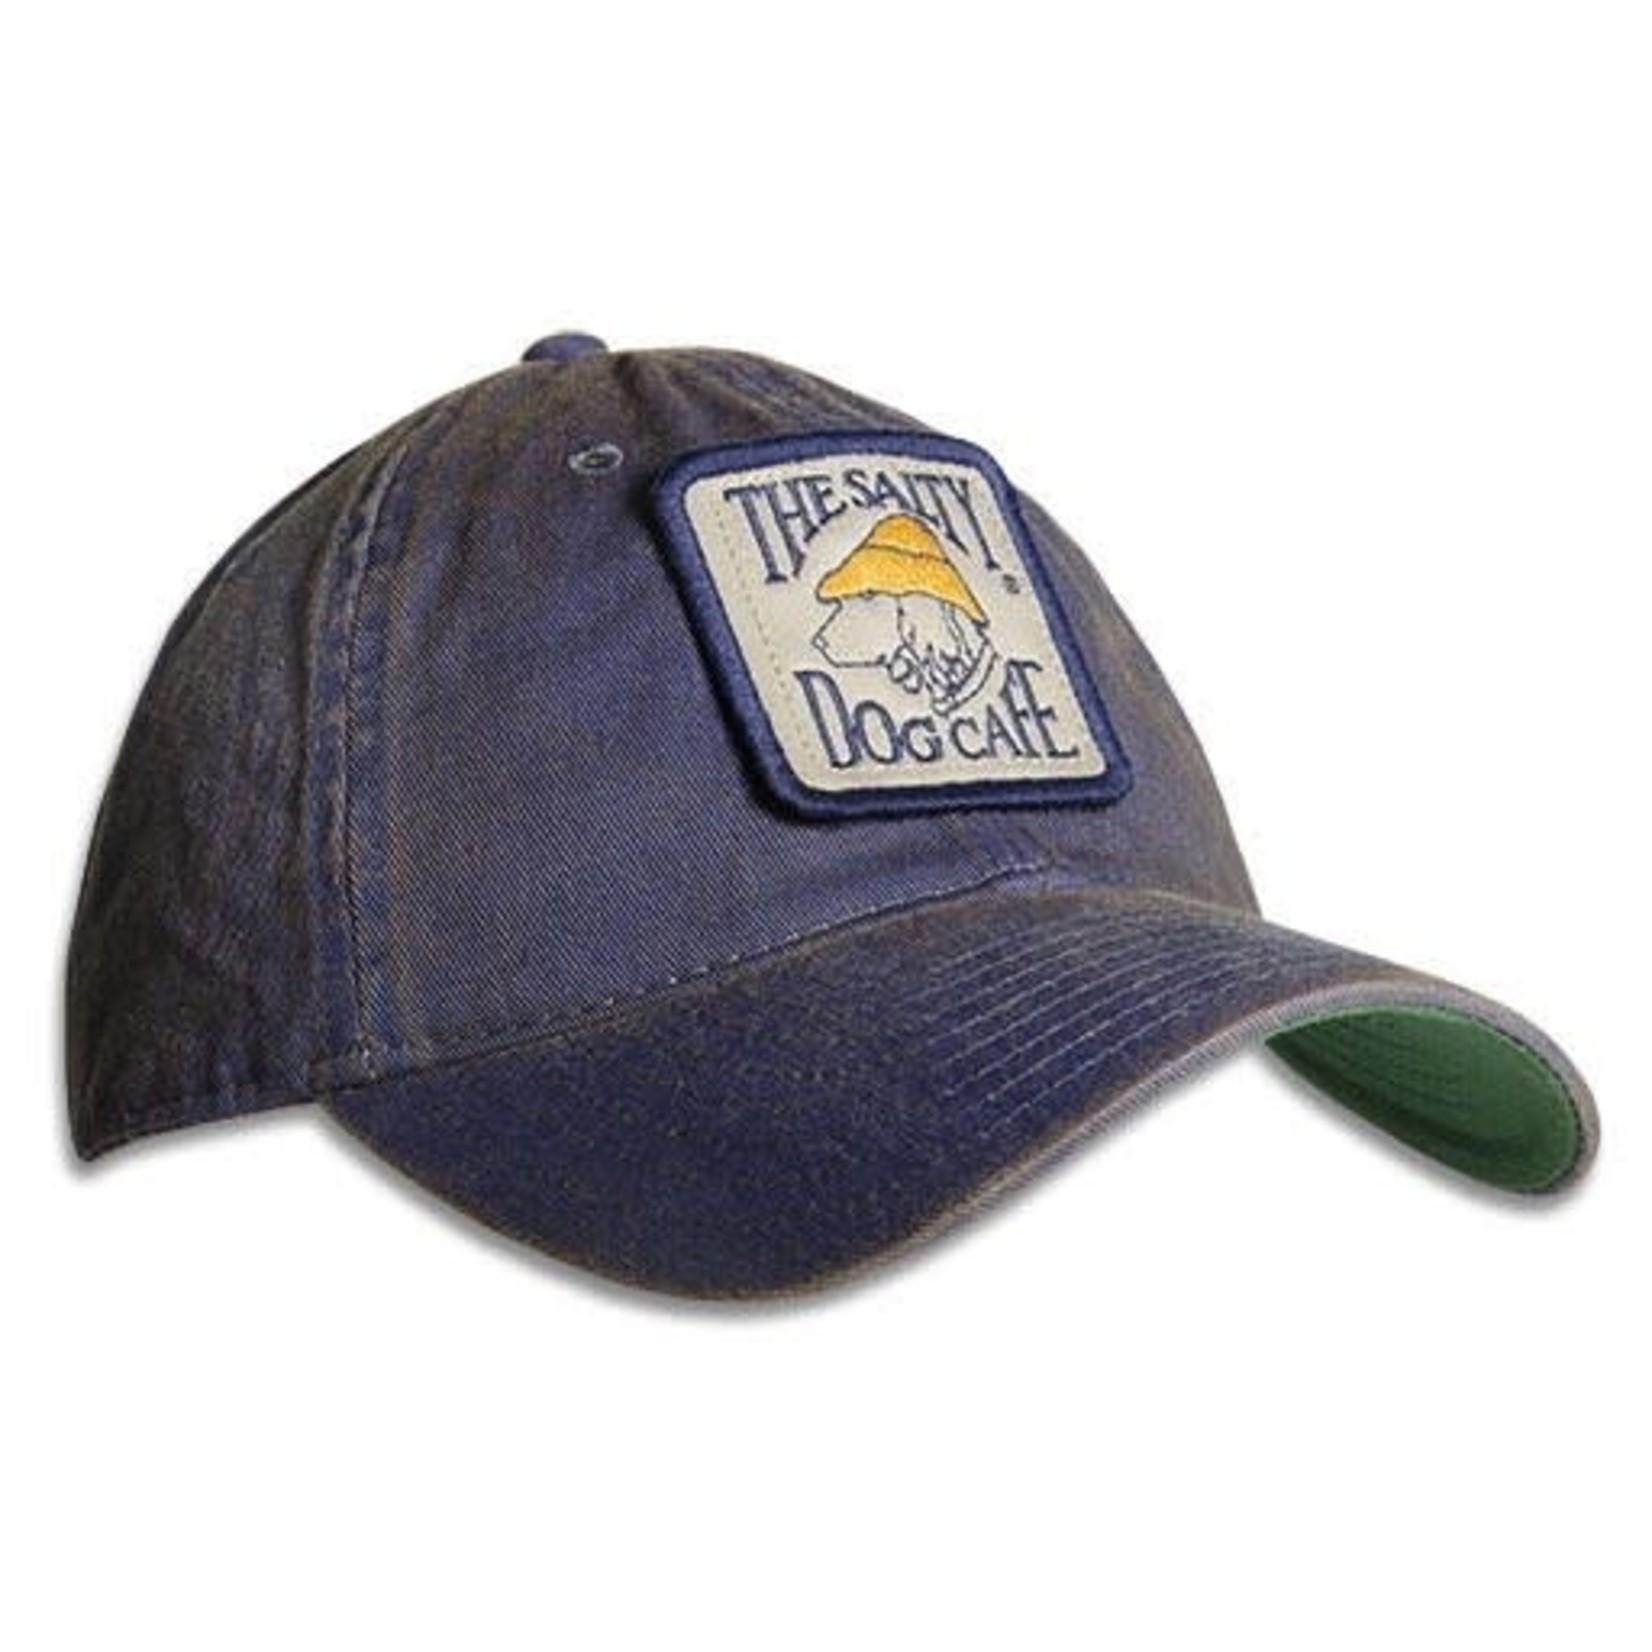 Hat - Old Favorite, Navy